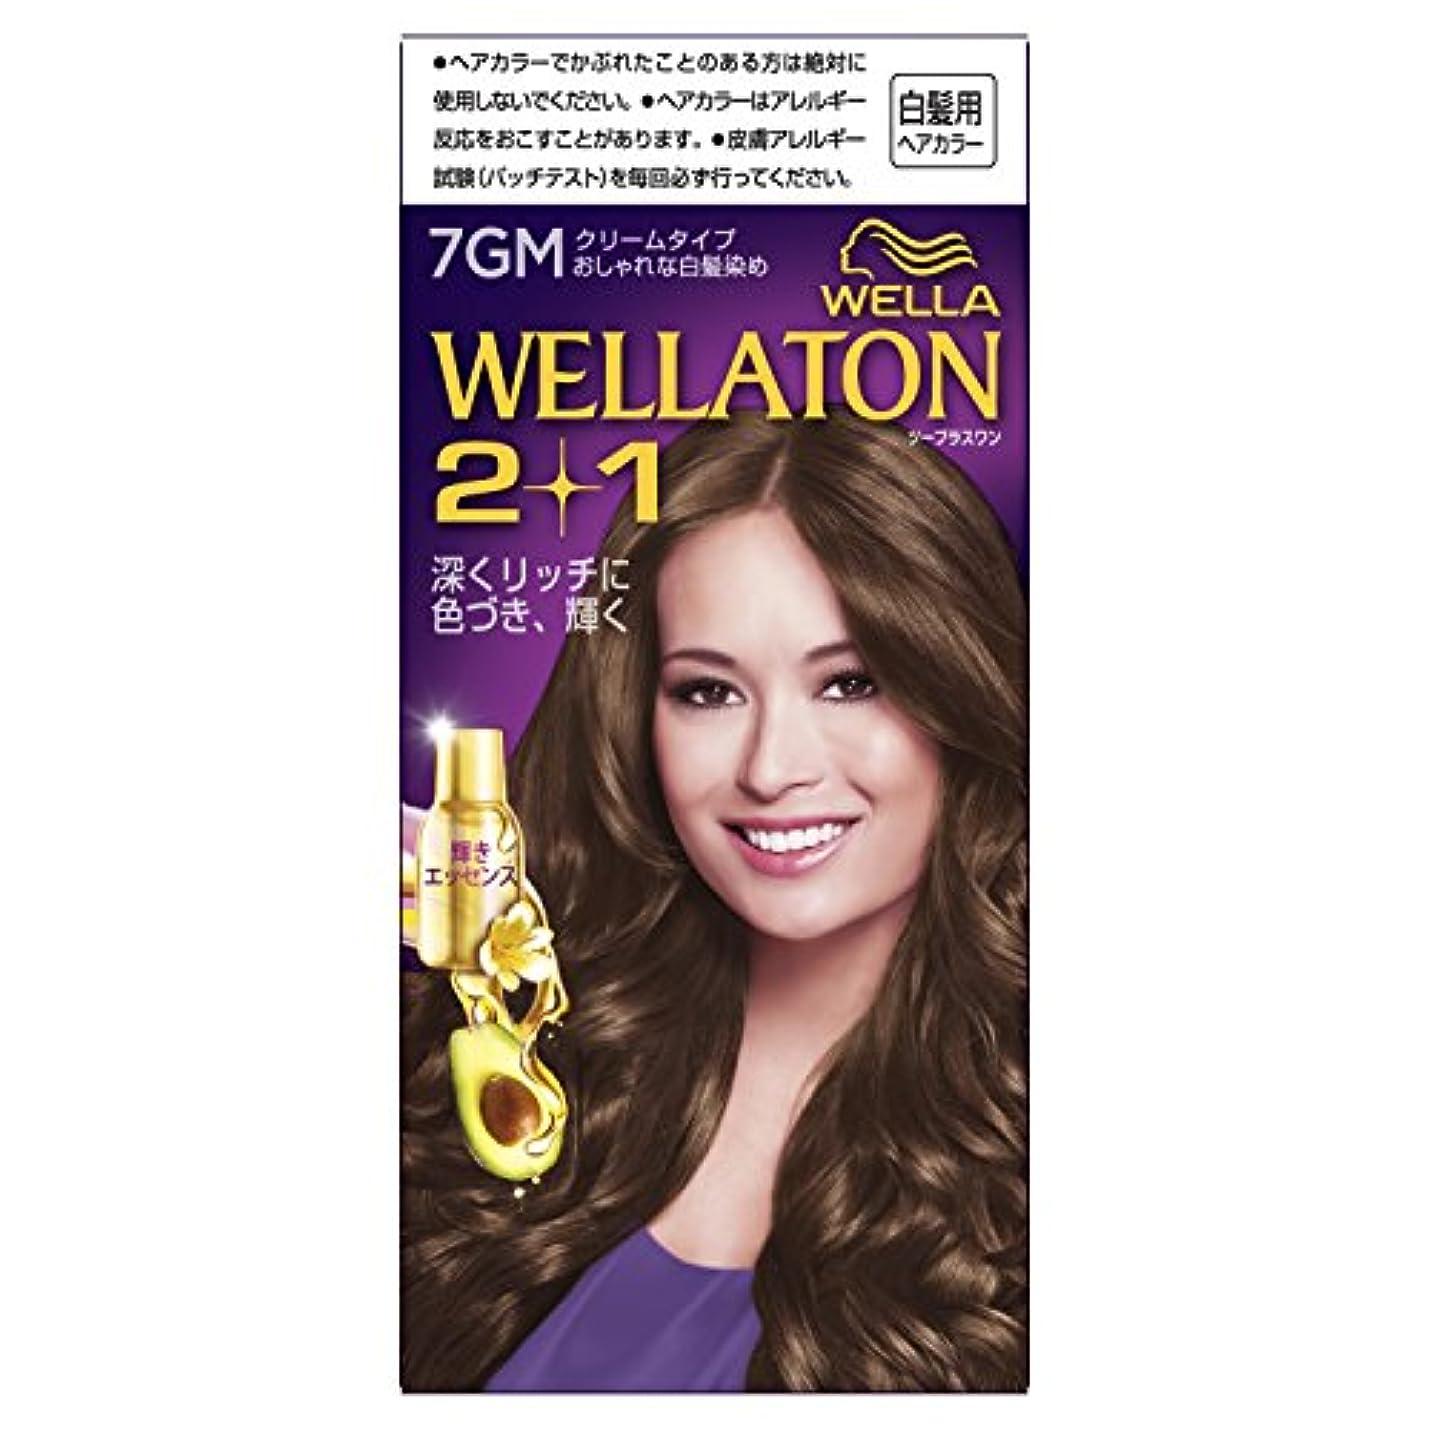 夢親密なセンチメートルウエラトーン2+1 クリームタイプ 7GM [医薬部外品](おしゃれな白髪染め)